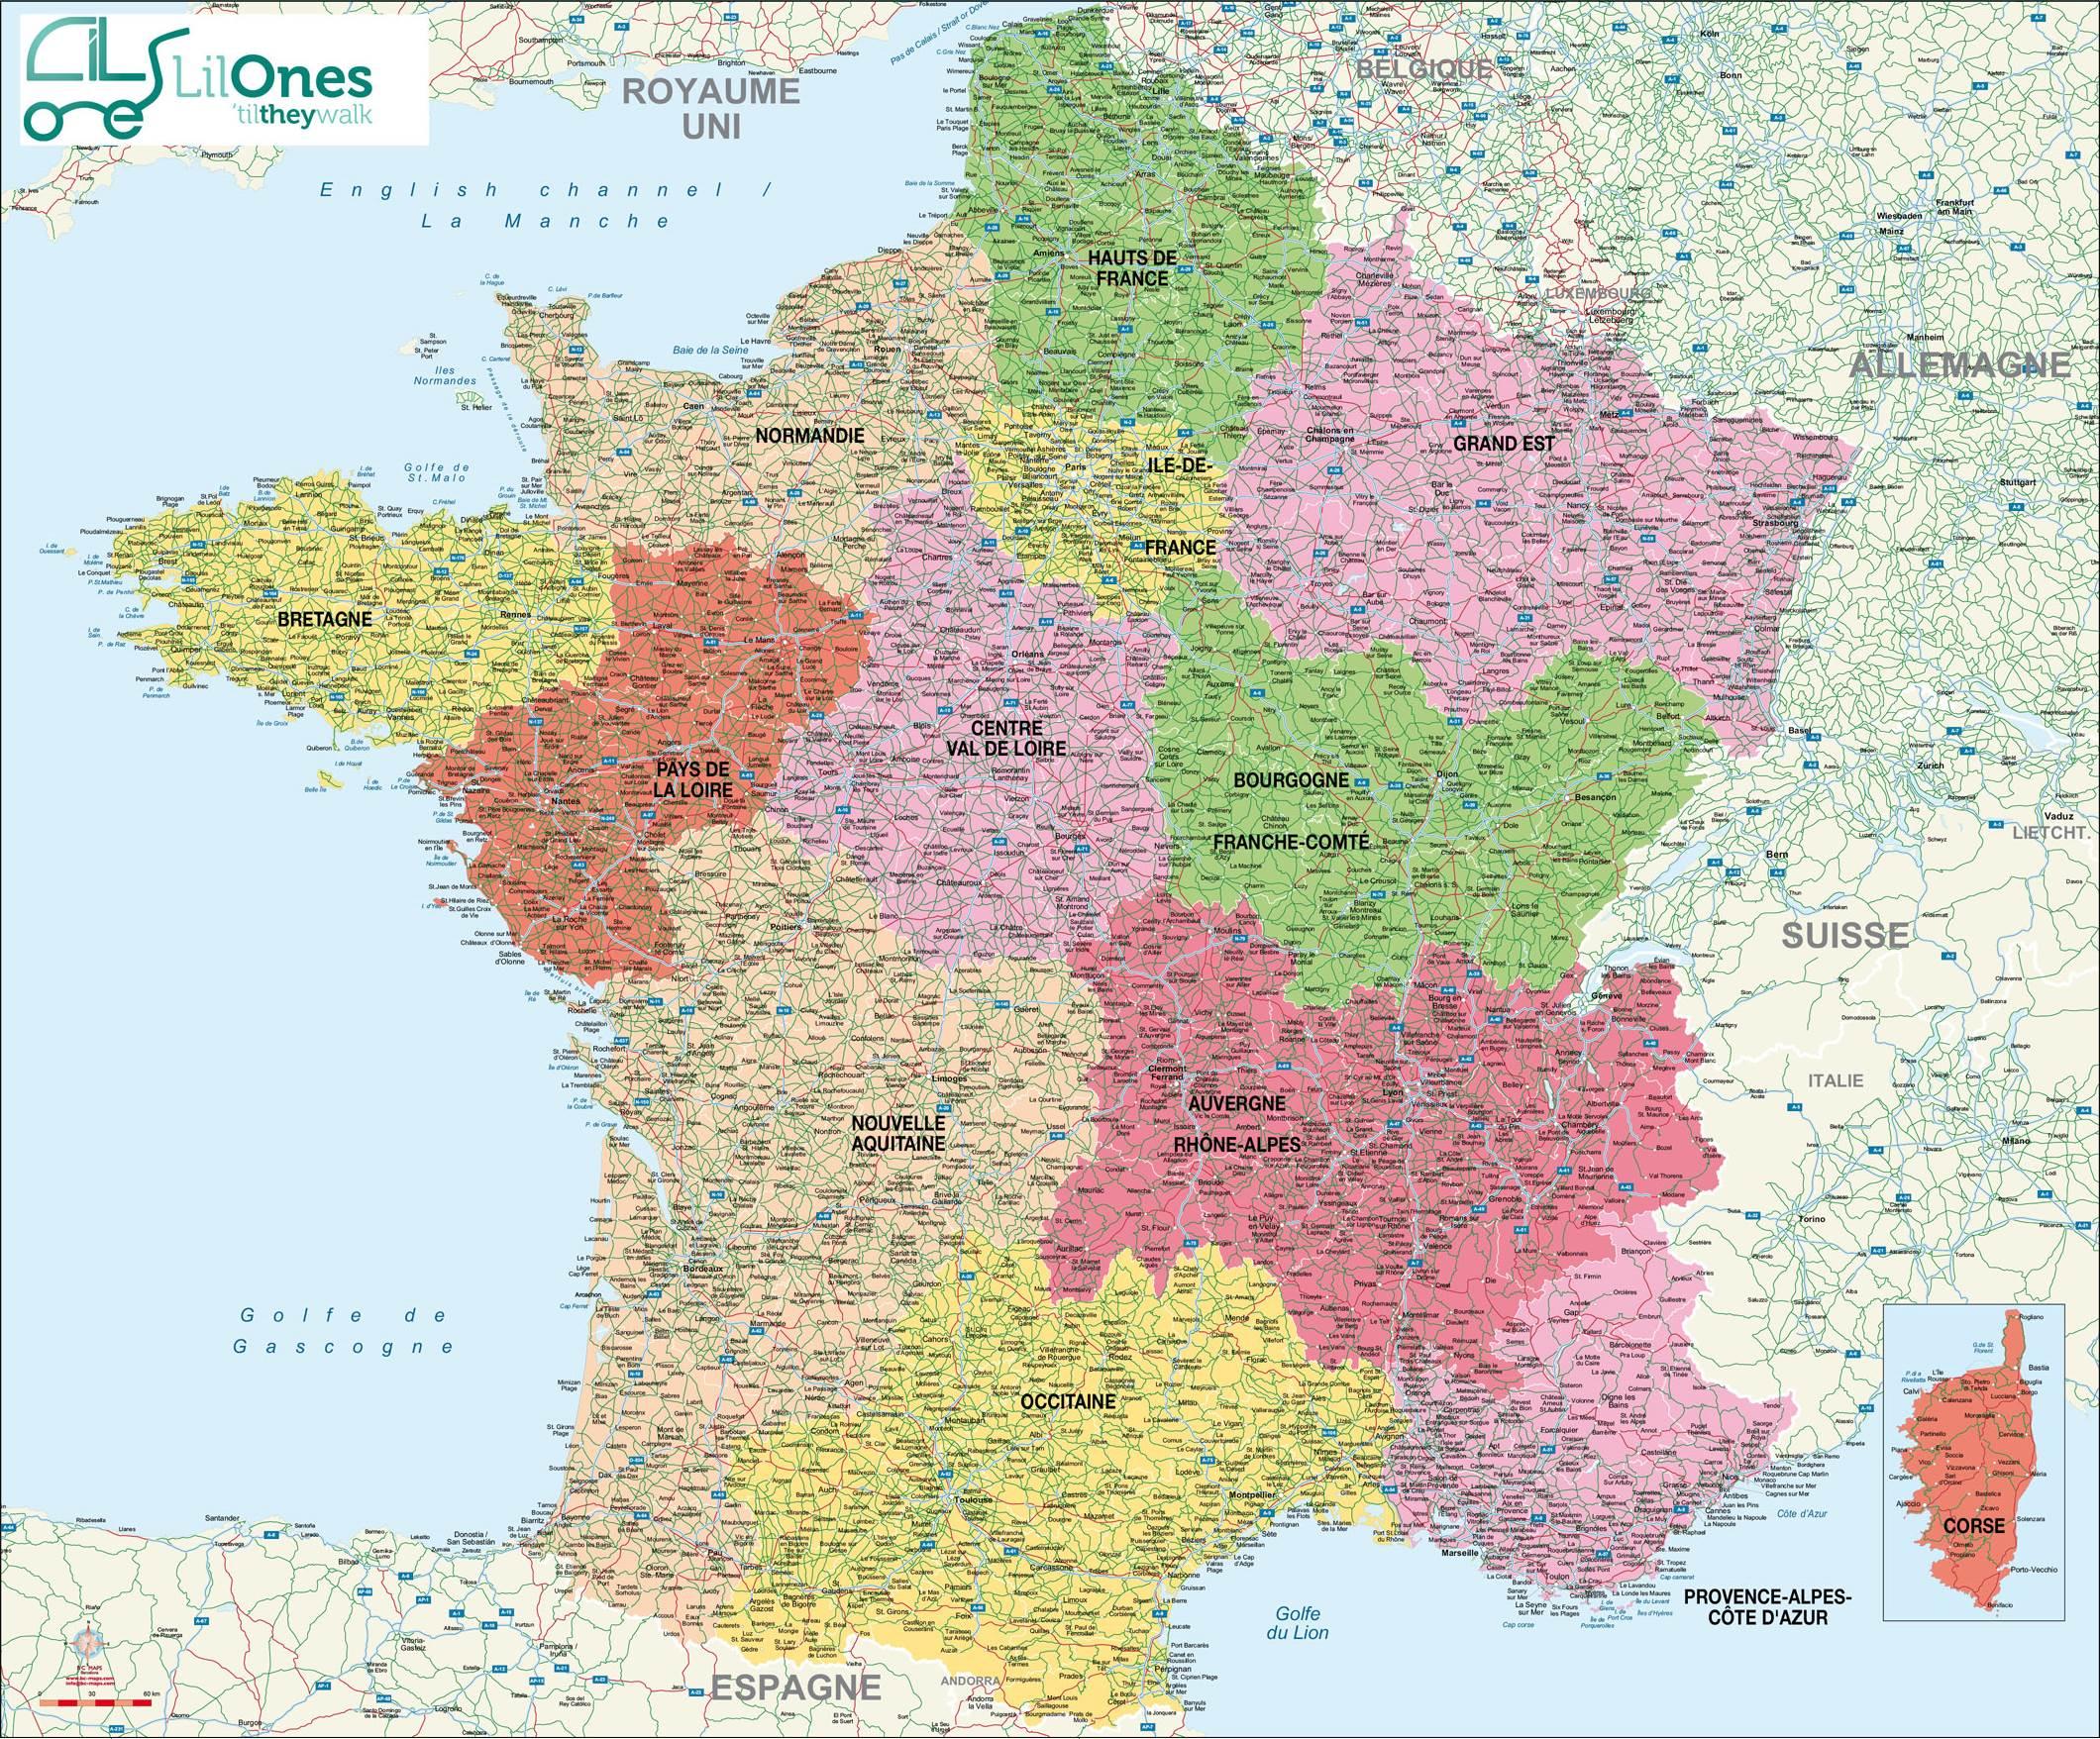 Cartes De France : Cartes Des Régions, Départements Et pour Carte De France Avec Départements Et Préfectures